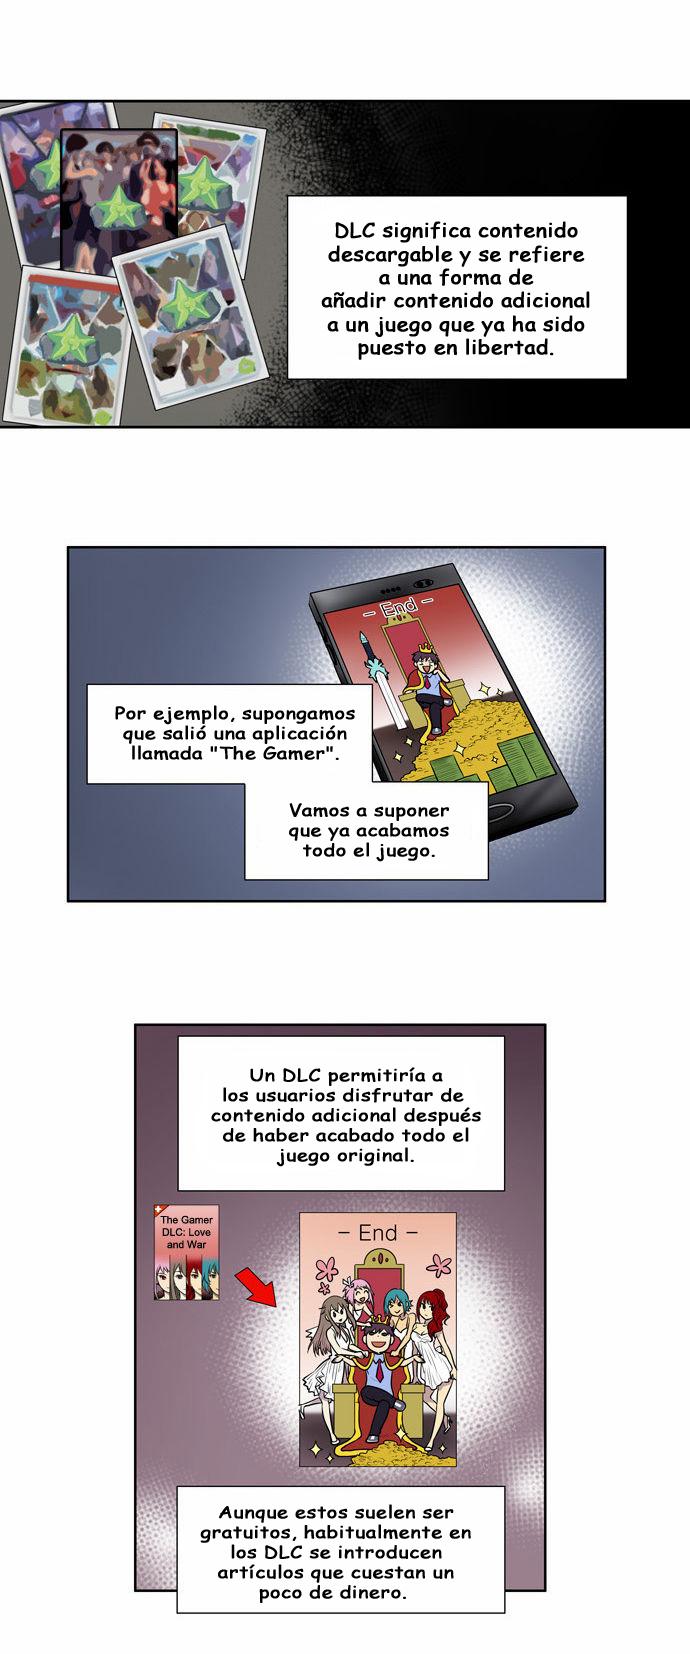 https://c5.ninemanga.com/es_manga/61/1725/396908/759d83fea86c6f217f53366a7dc2e9d4.jpg Page 3